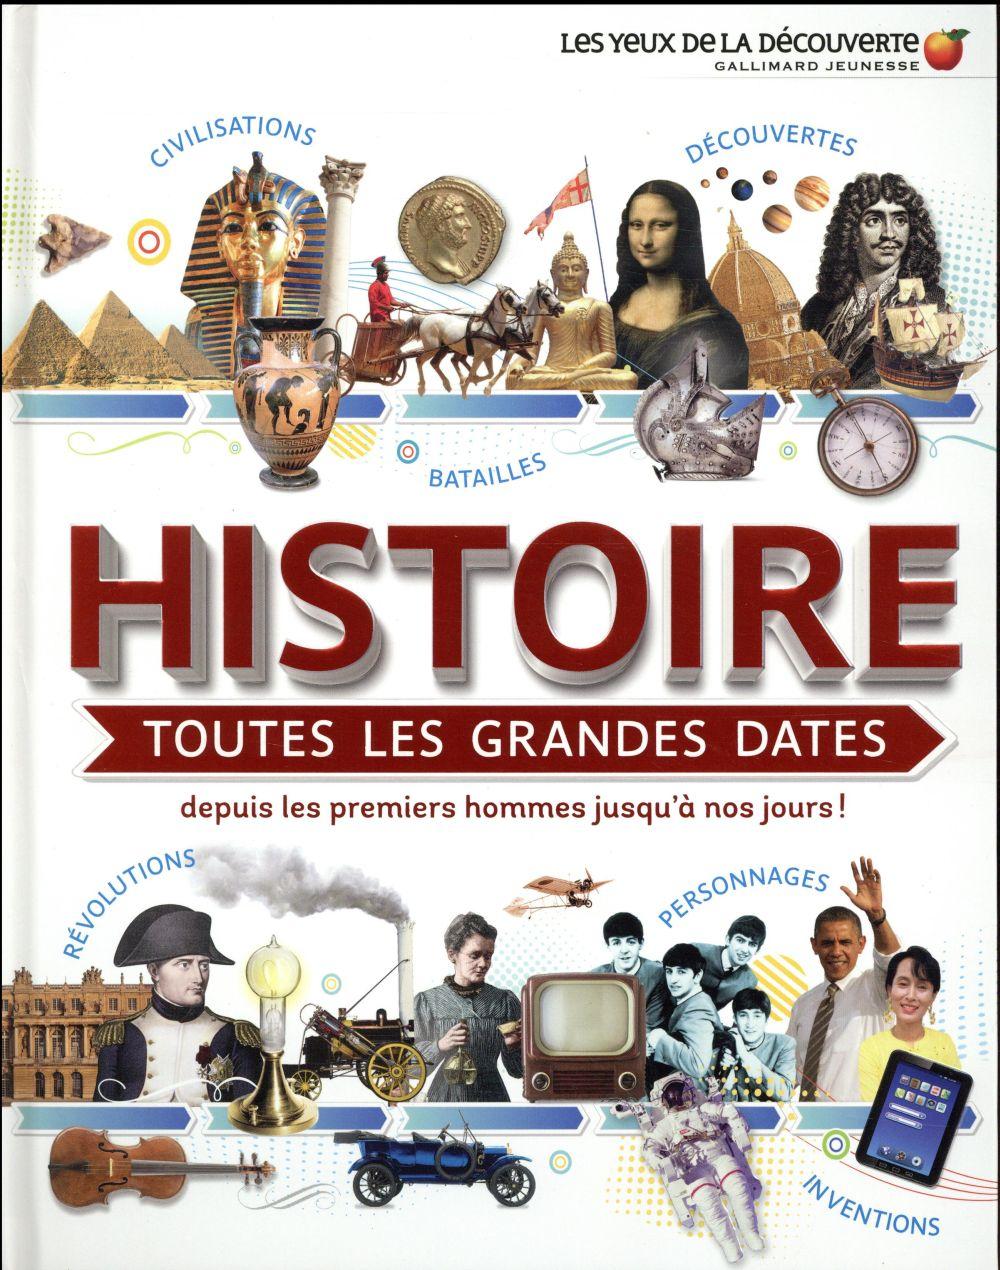 HISTOIRE : TOUTES LES GRANDES DATES - DEPUIS LES PREMIERS HOMMES JUSQU'A NOS JOURS !